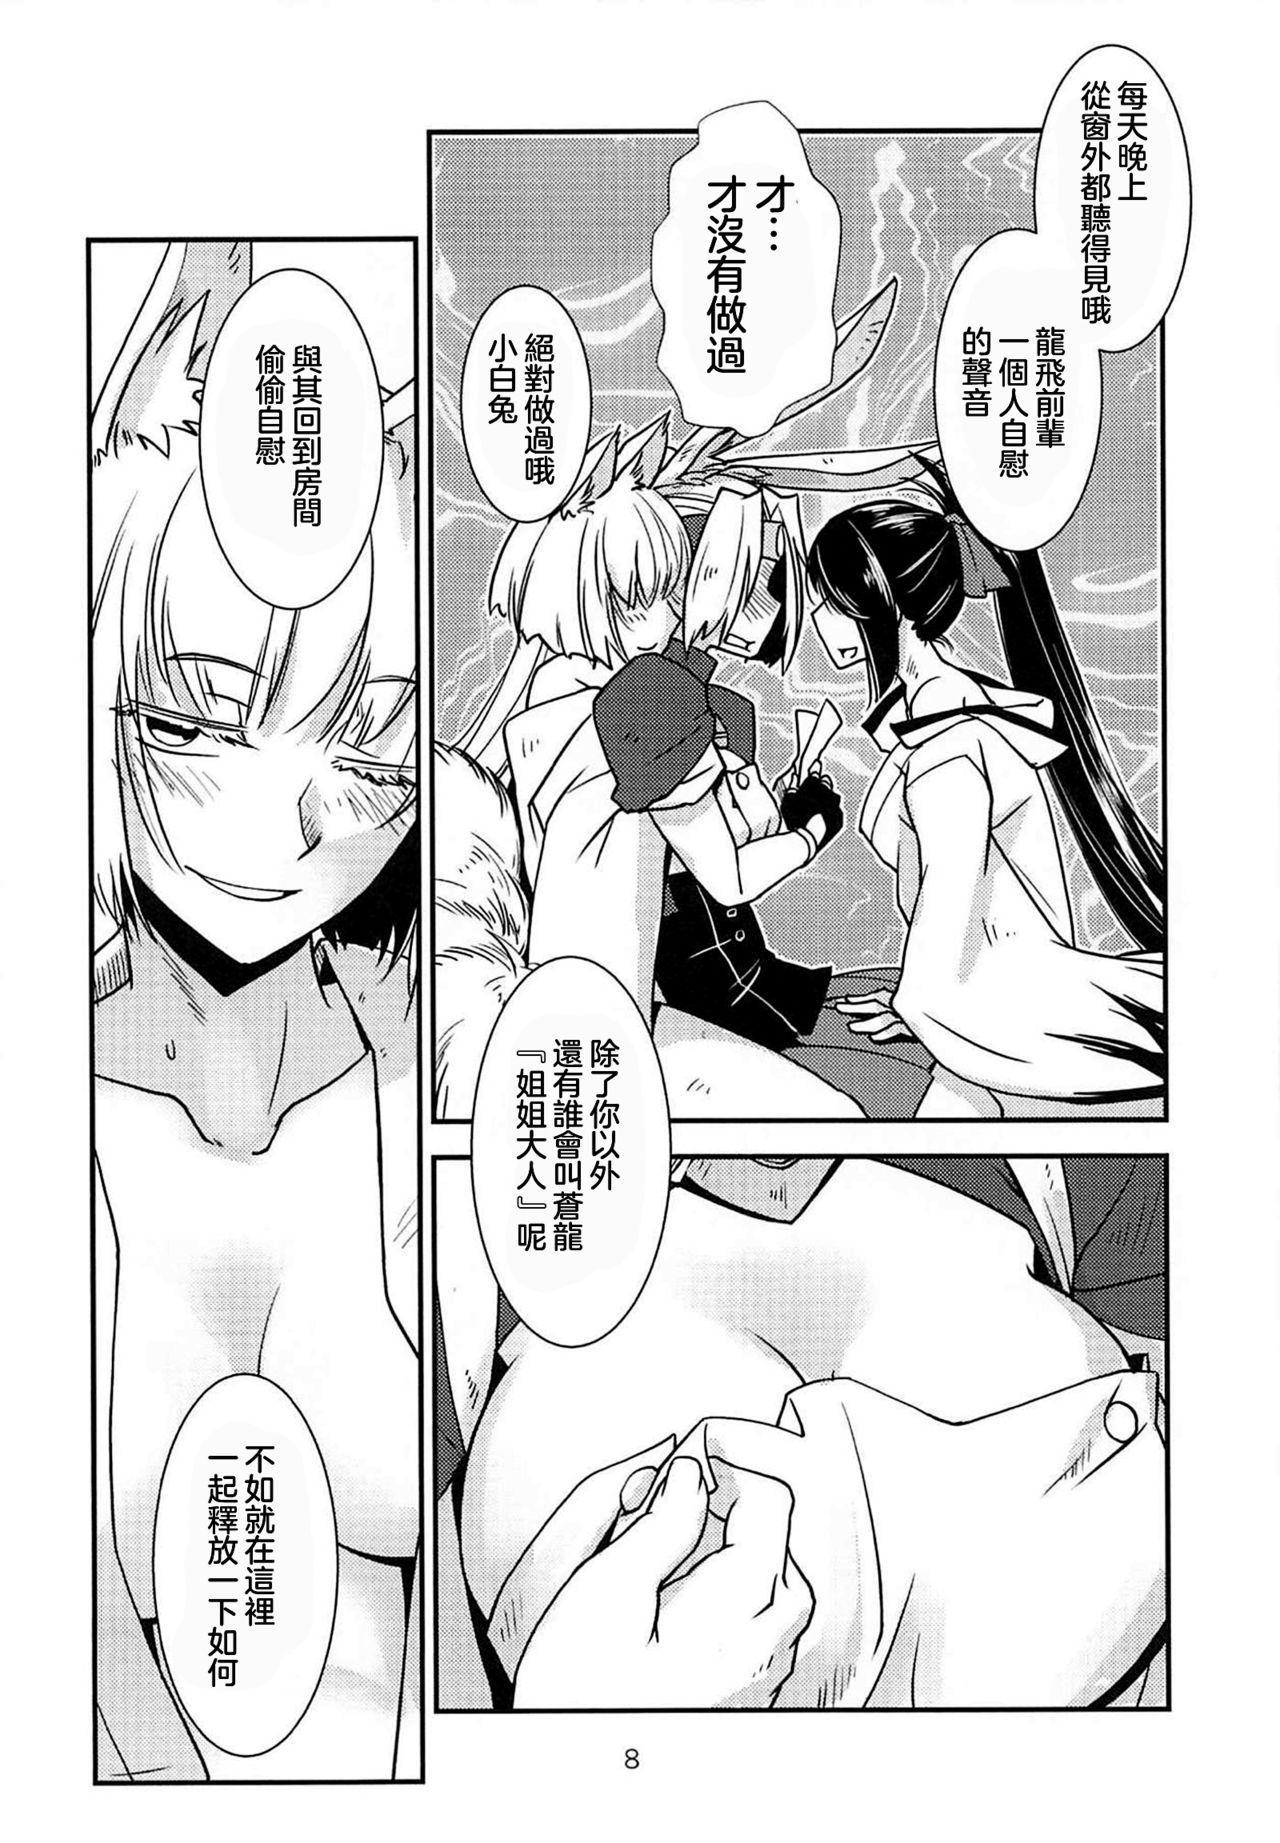 Kimi-tachi wa Hontou ni Ecchi da na!! 丨你們實在是太色情啦!! 9